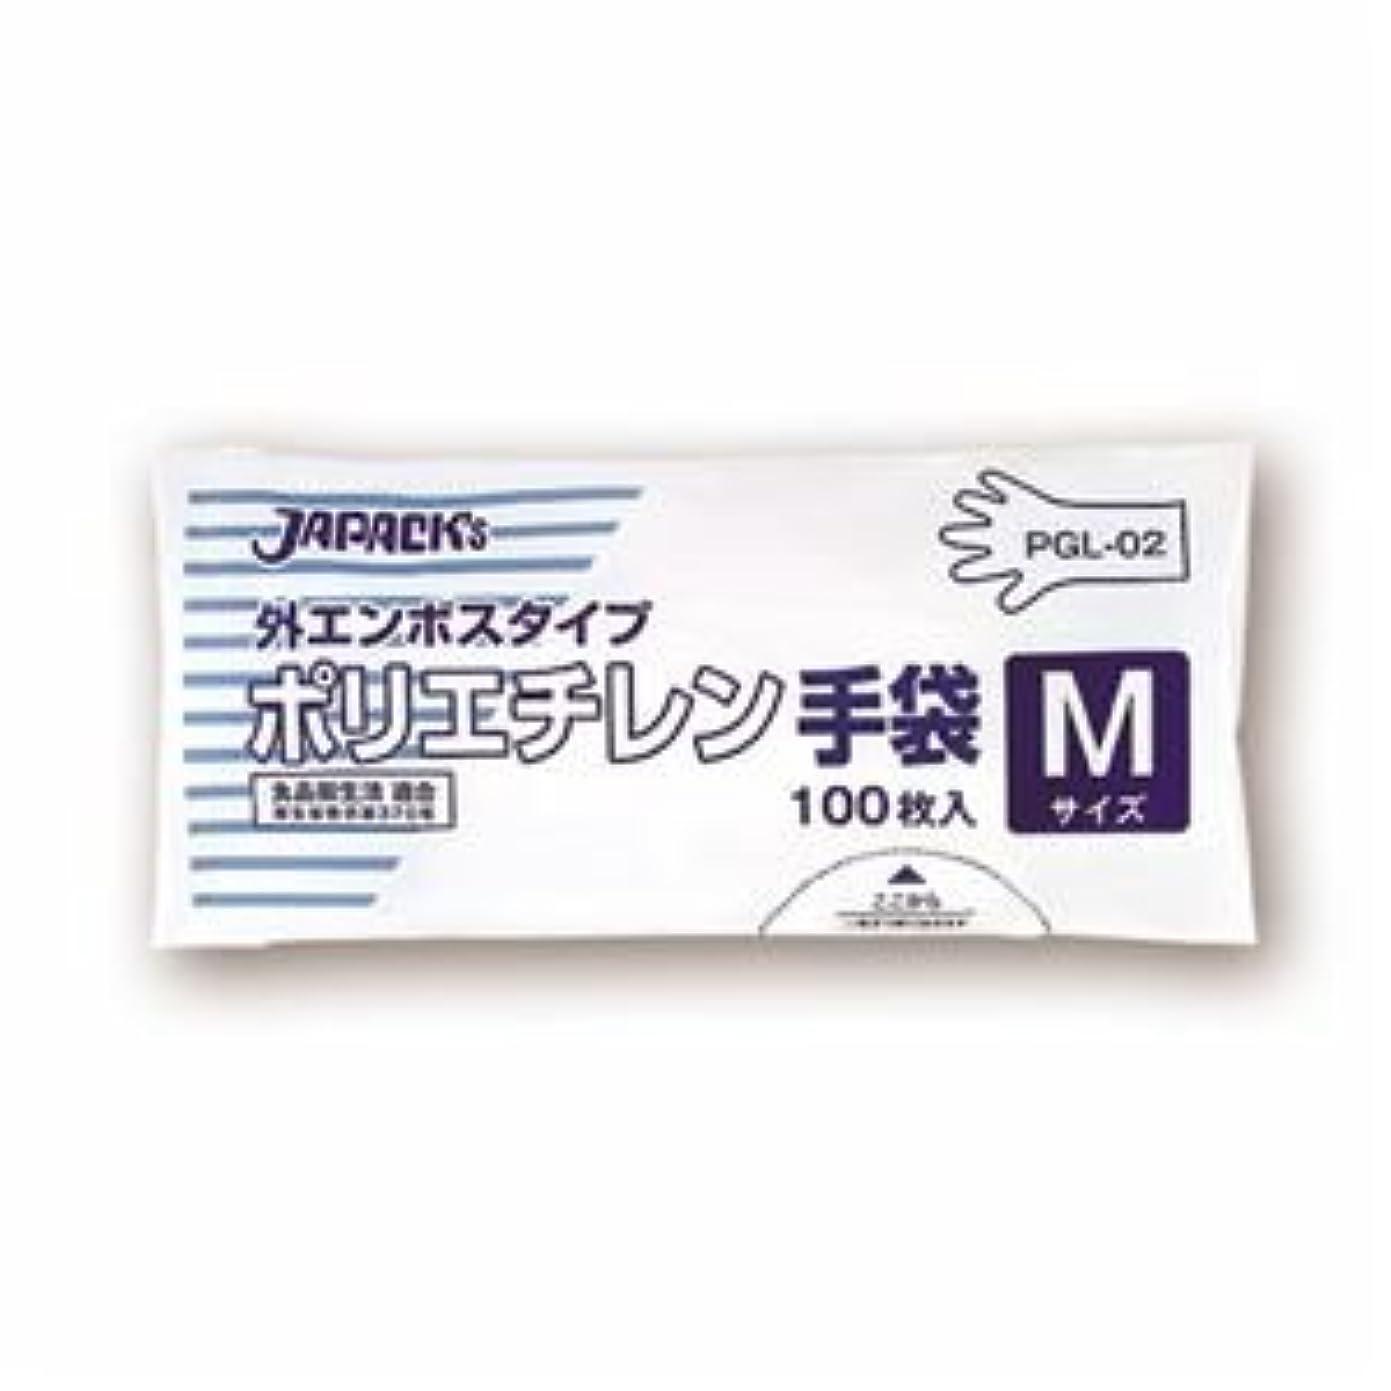 完璧債務者ボイド(まとめ) ジャパックス 外エンボスタイプ LDポリエチレン手袋 M PGL-02 1パック(100